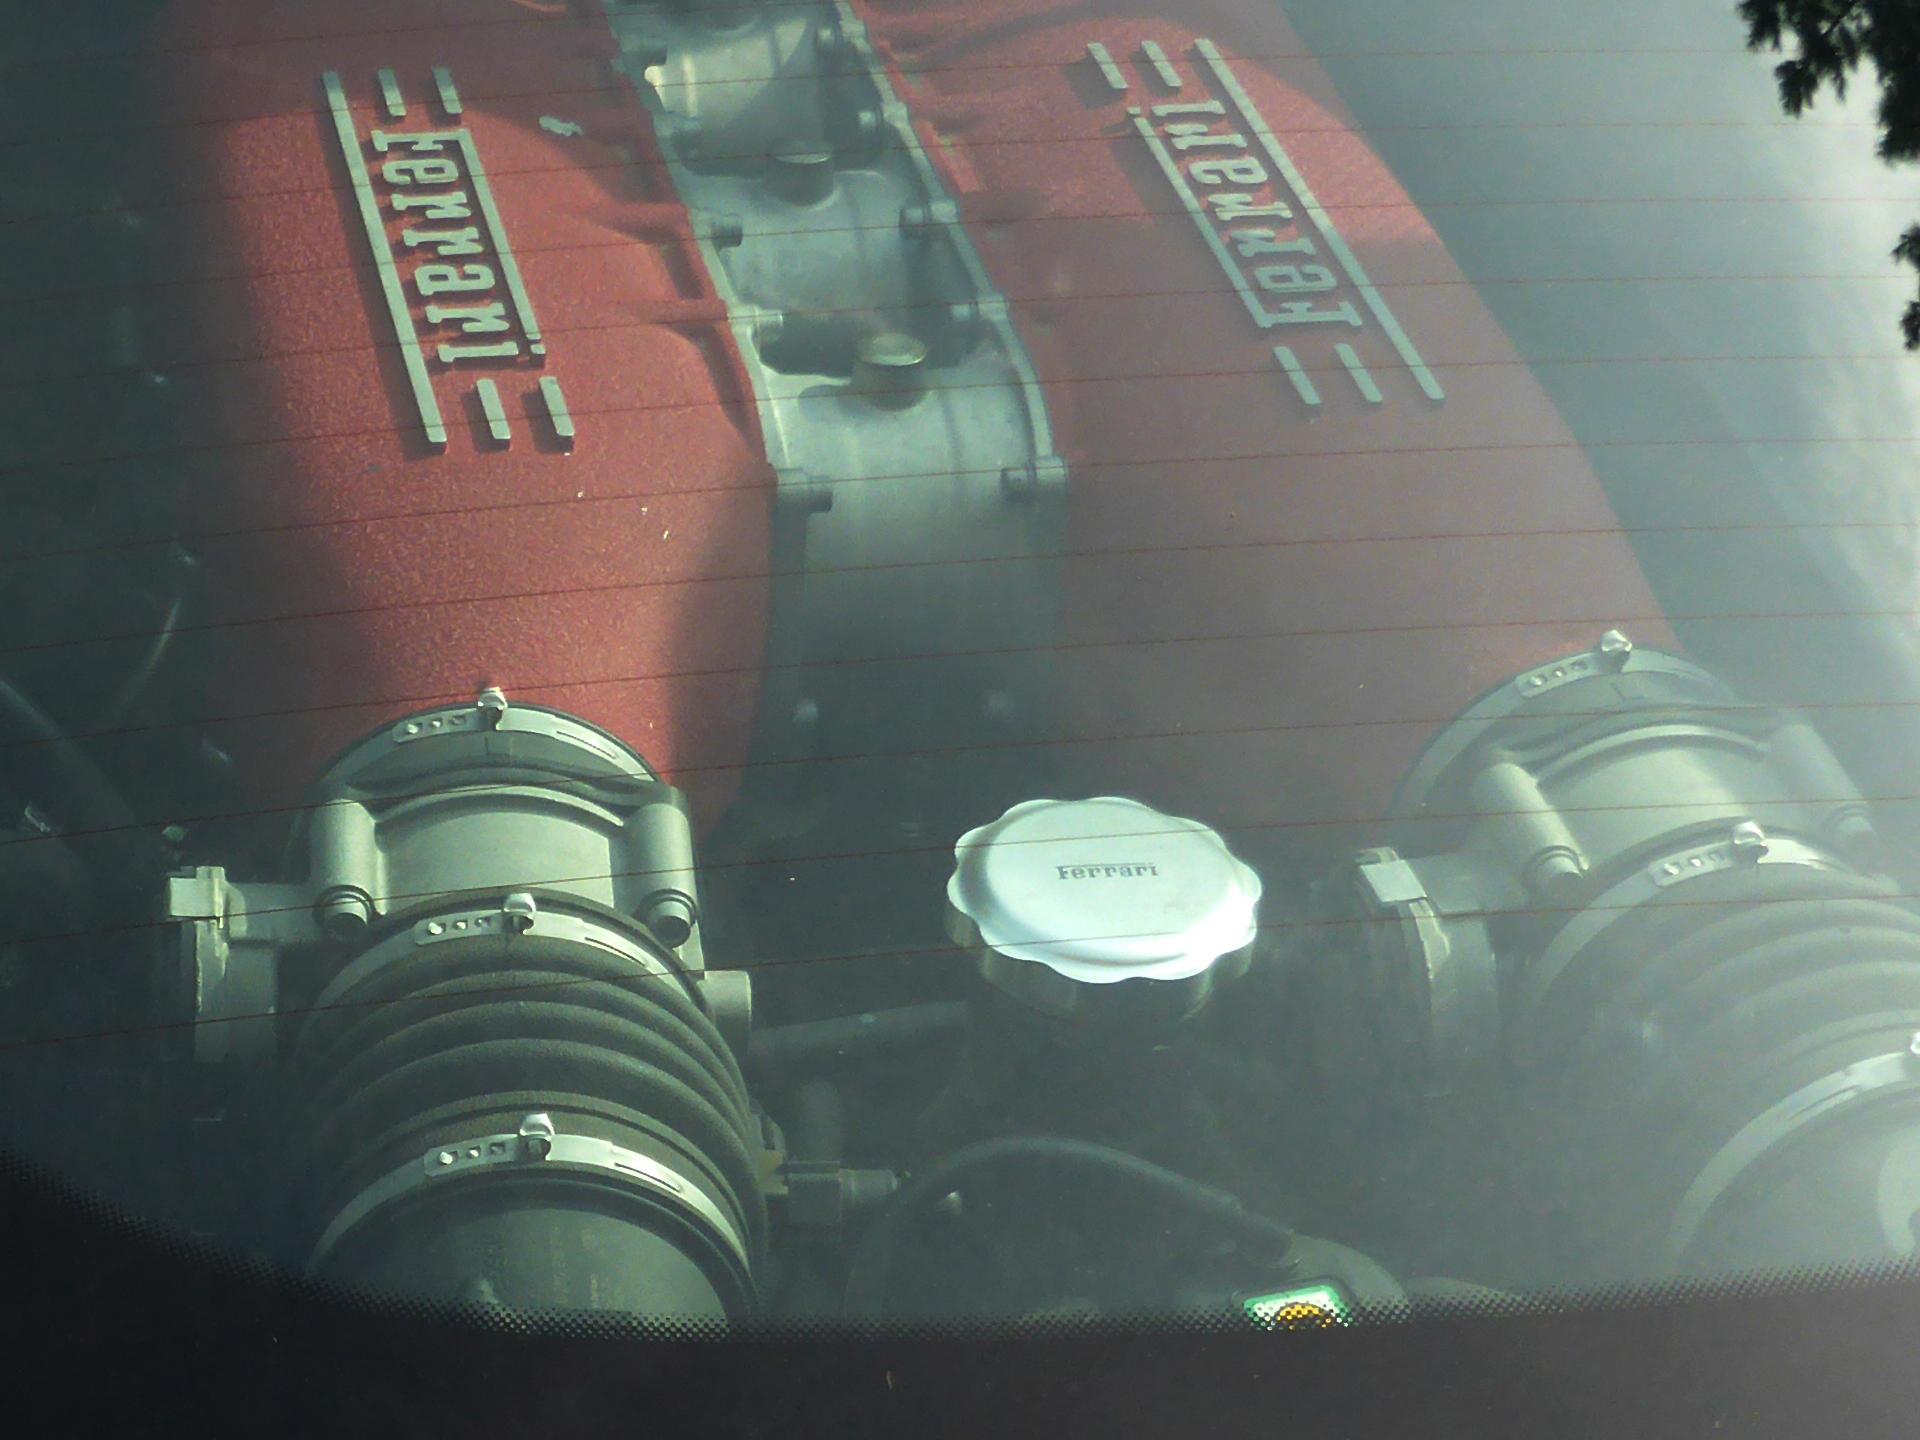 Ferrari 458 Italia - moteur - Lorient 2015 - photo ELJ - DESIGNMOTEUR